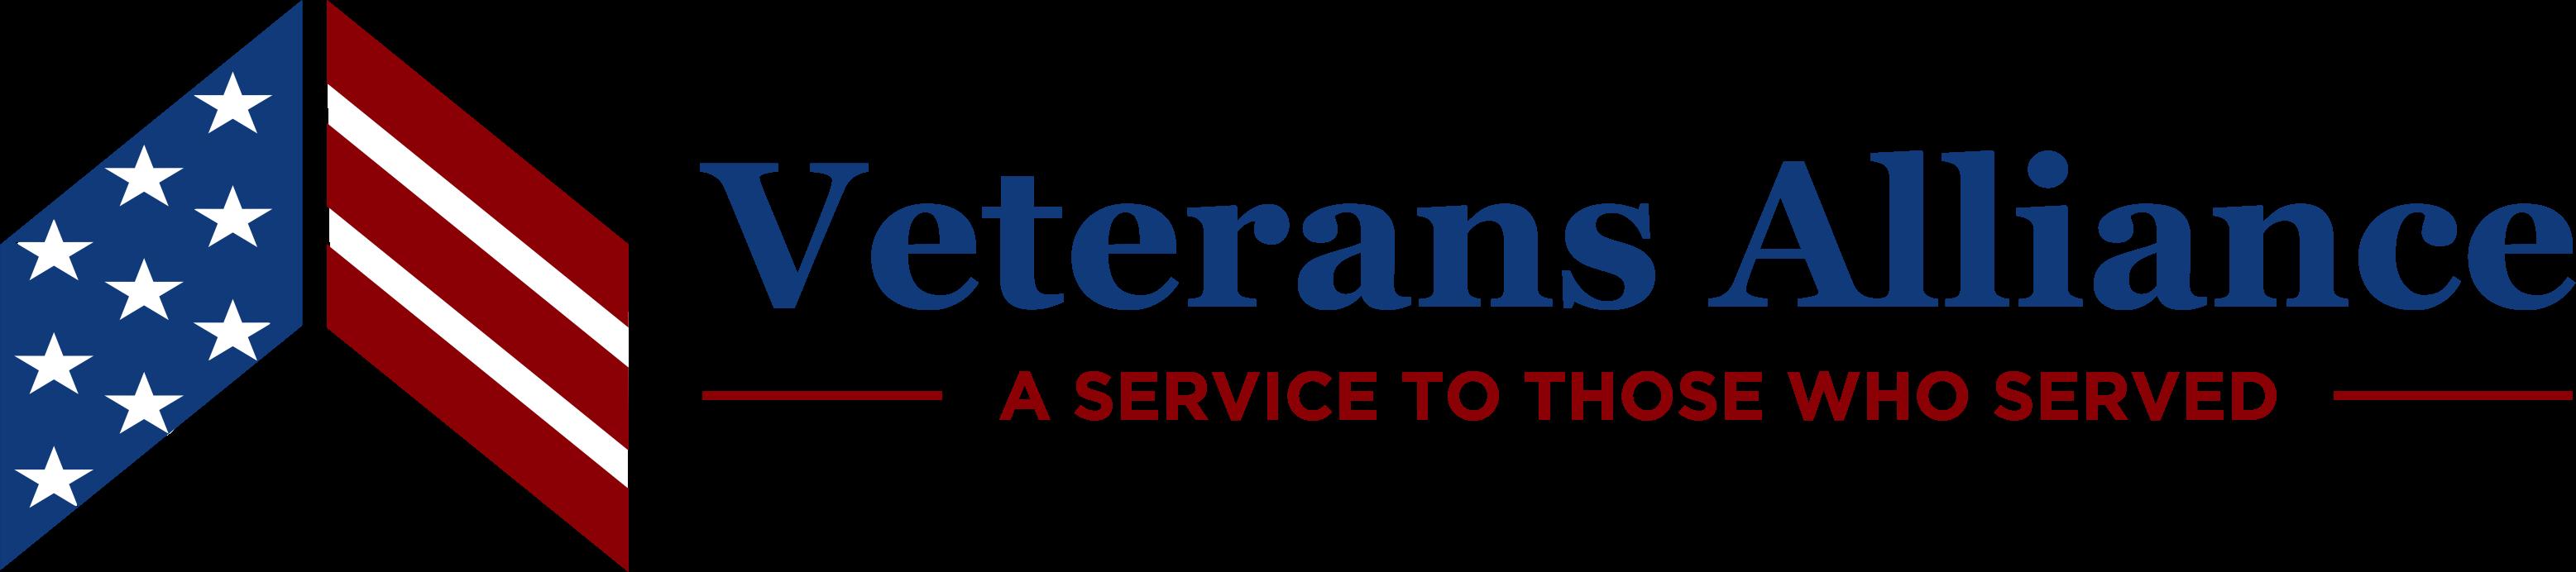 Veterans Alliance